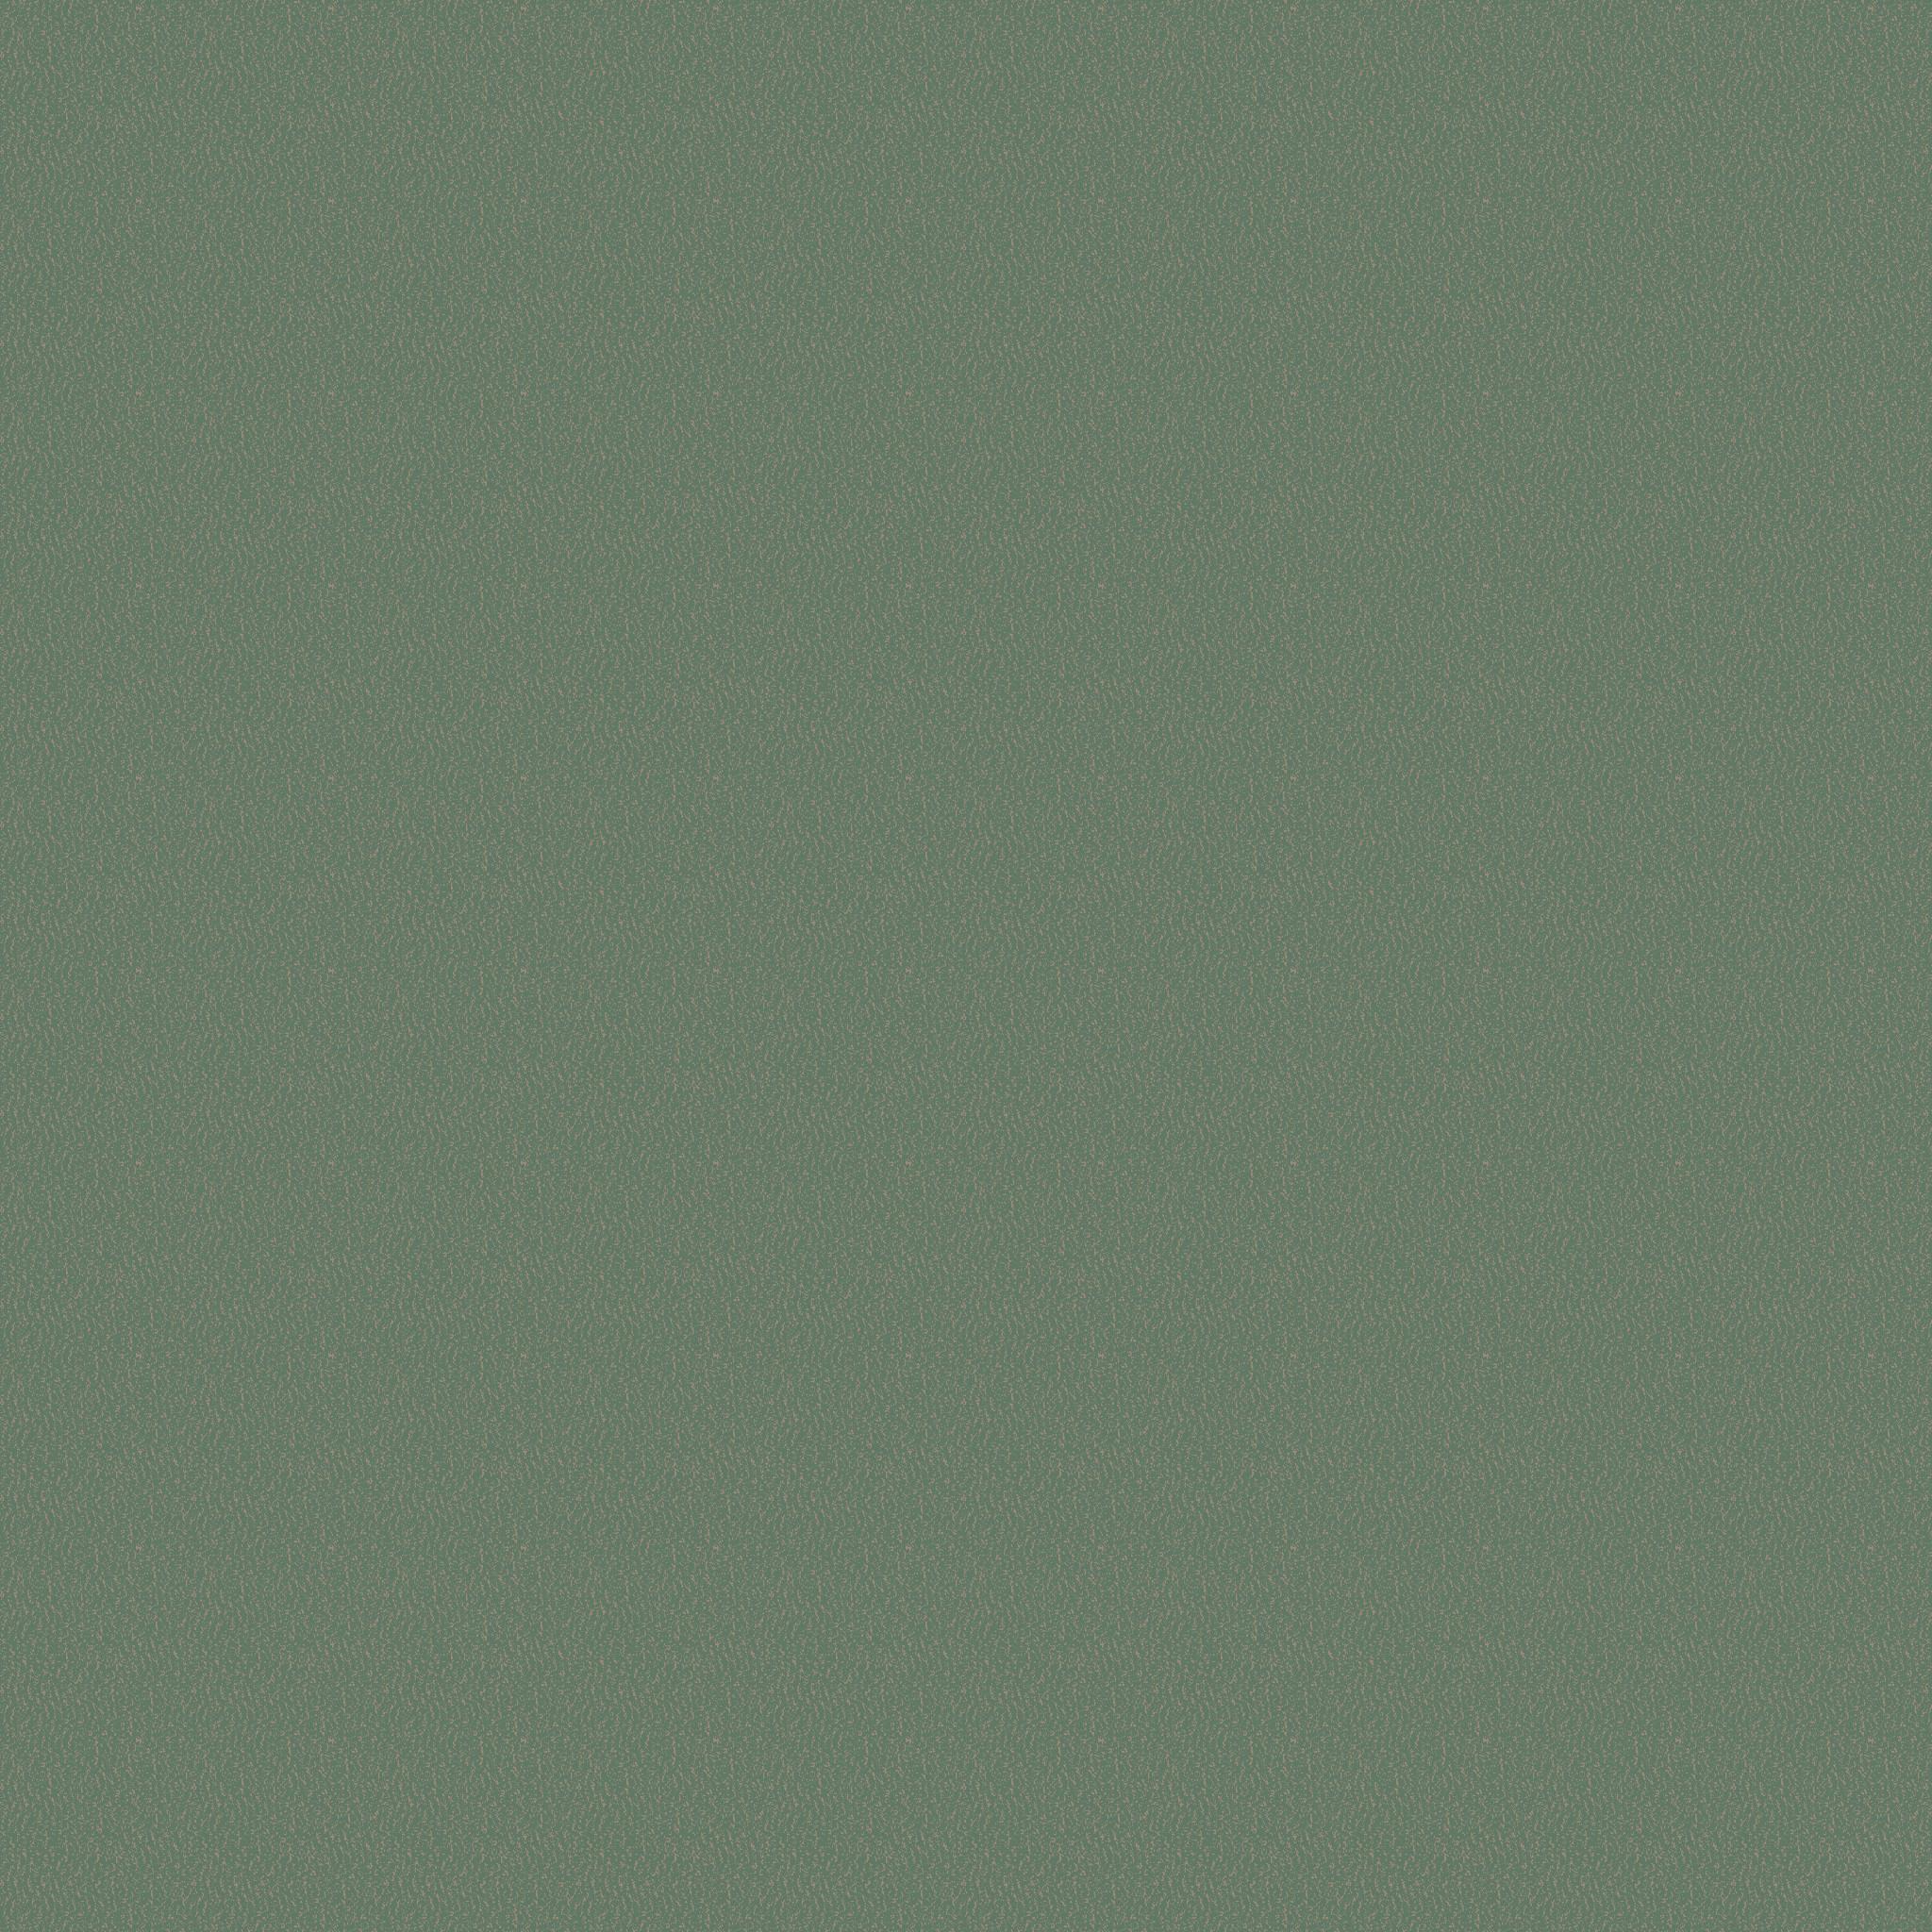 Una Ground Control Iconic sage/beige